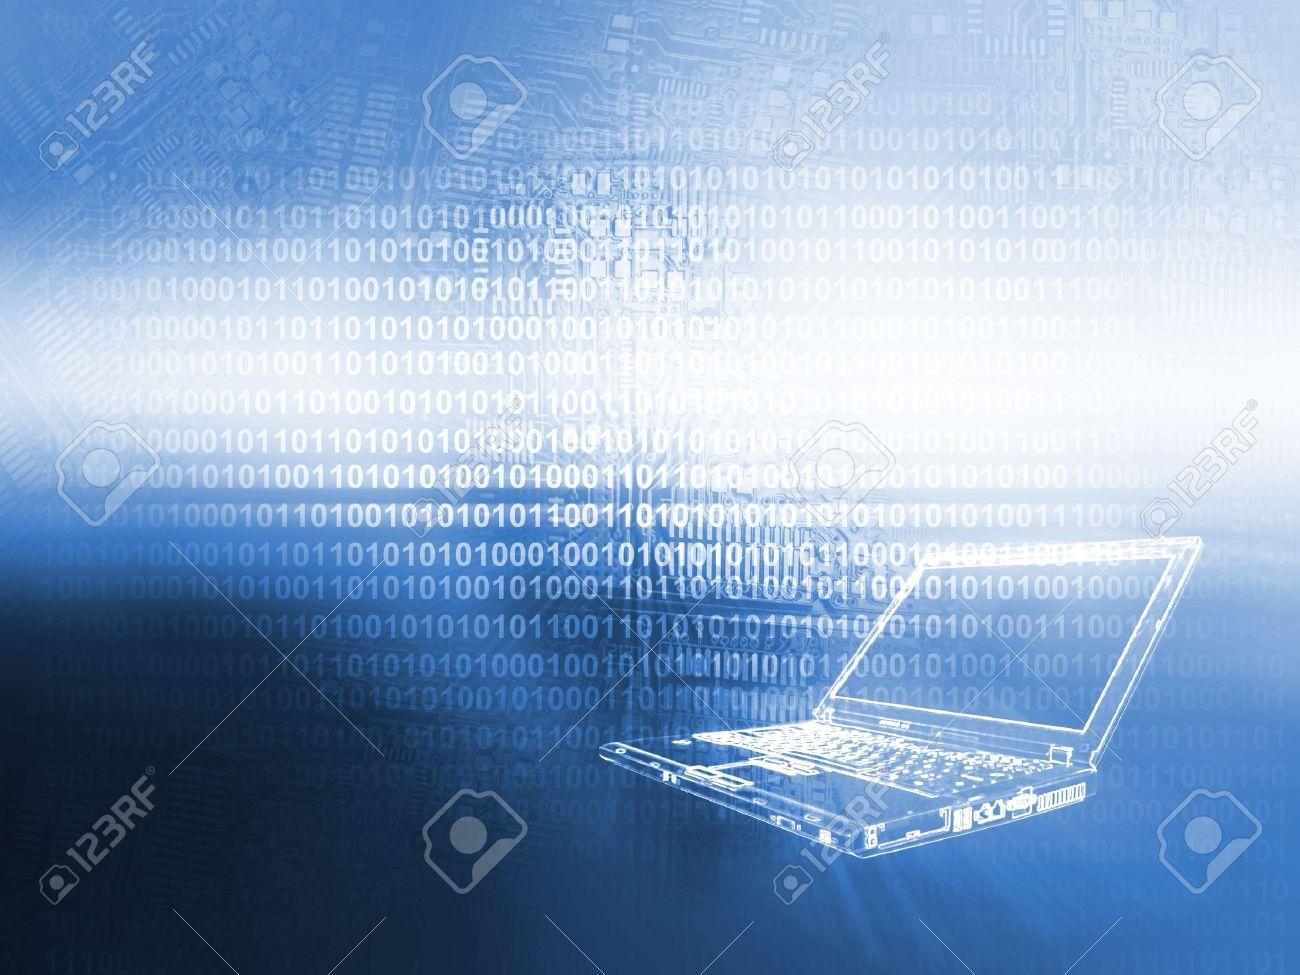 Laptop technology background - 14786696